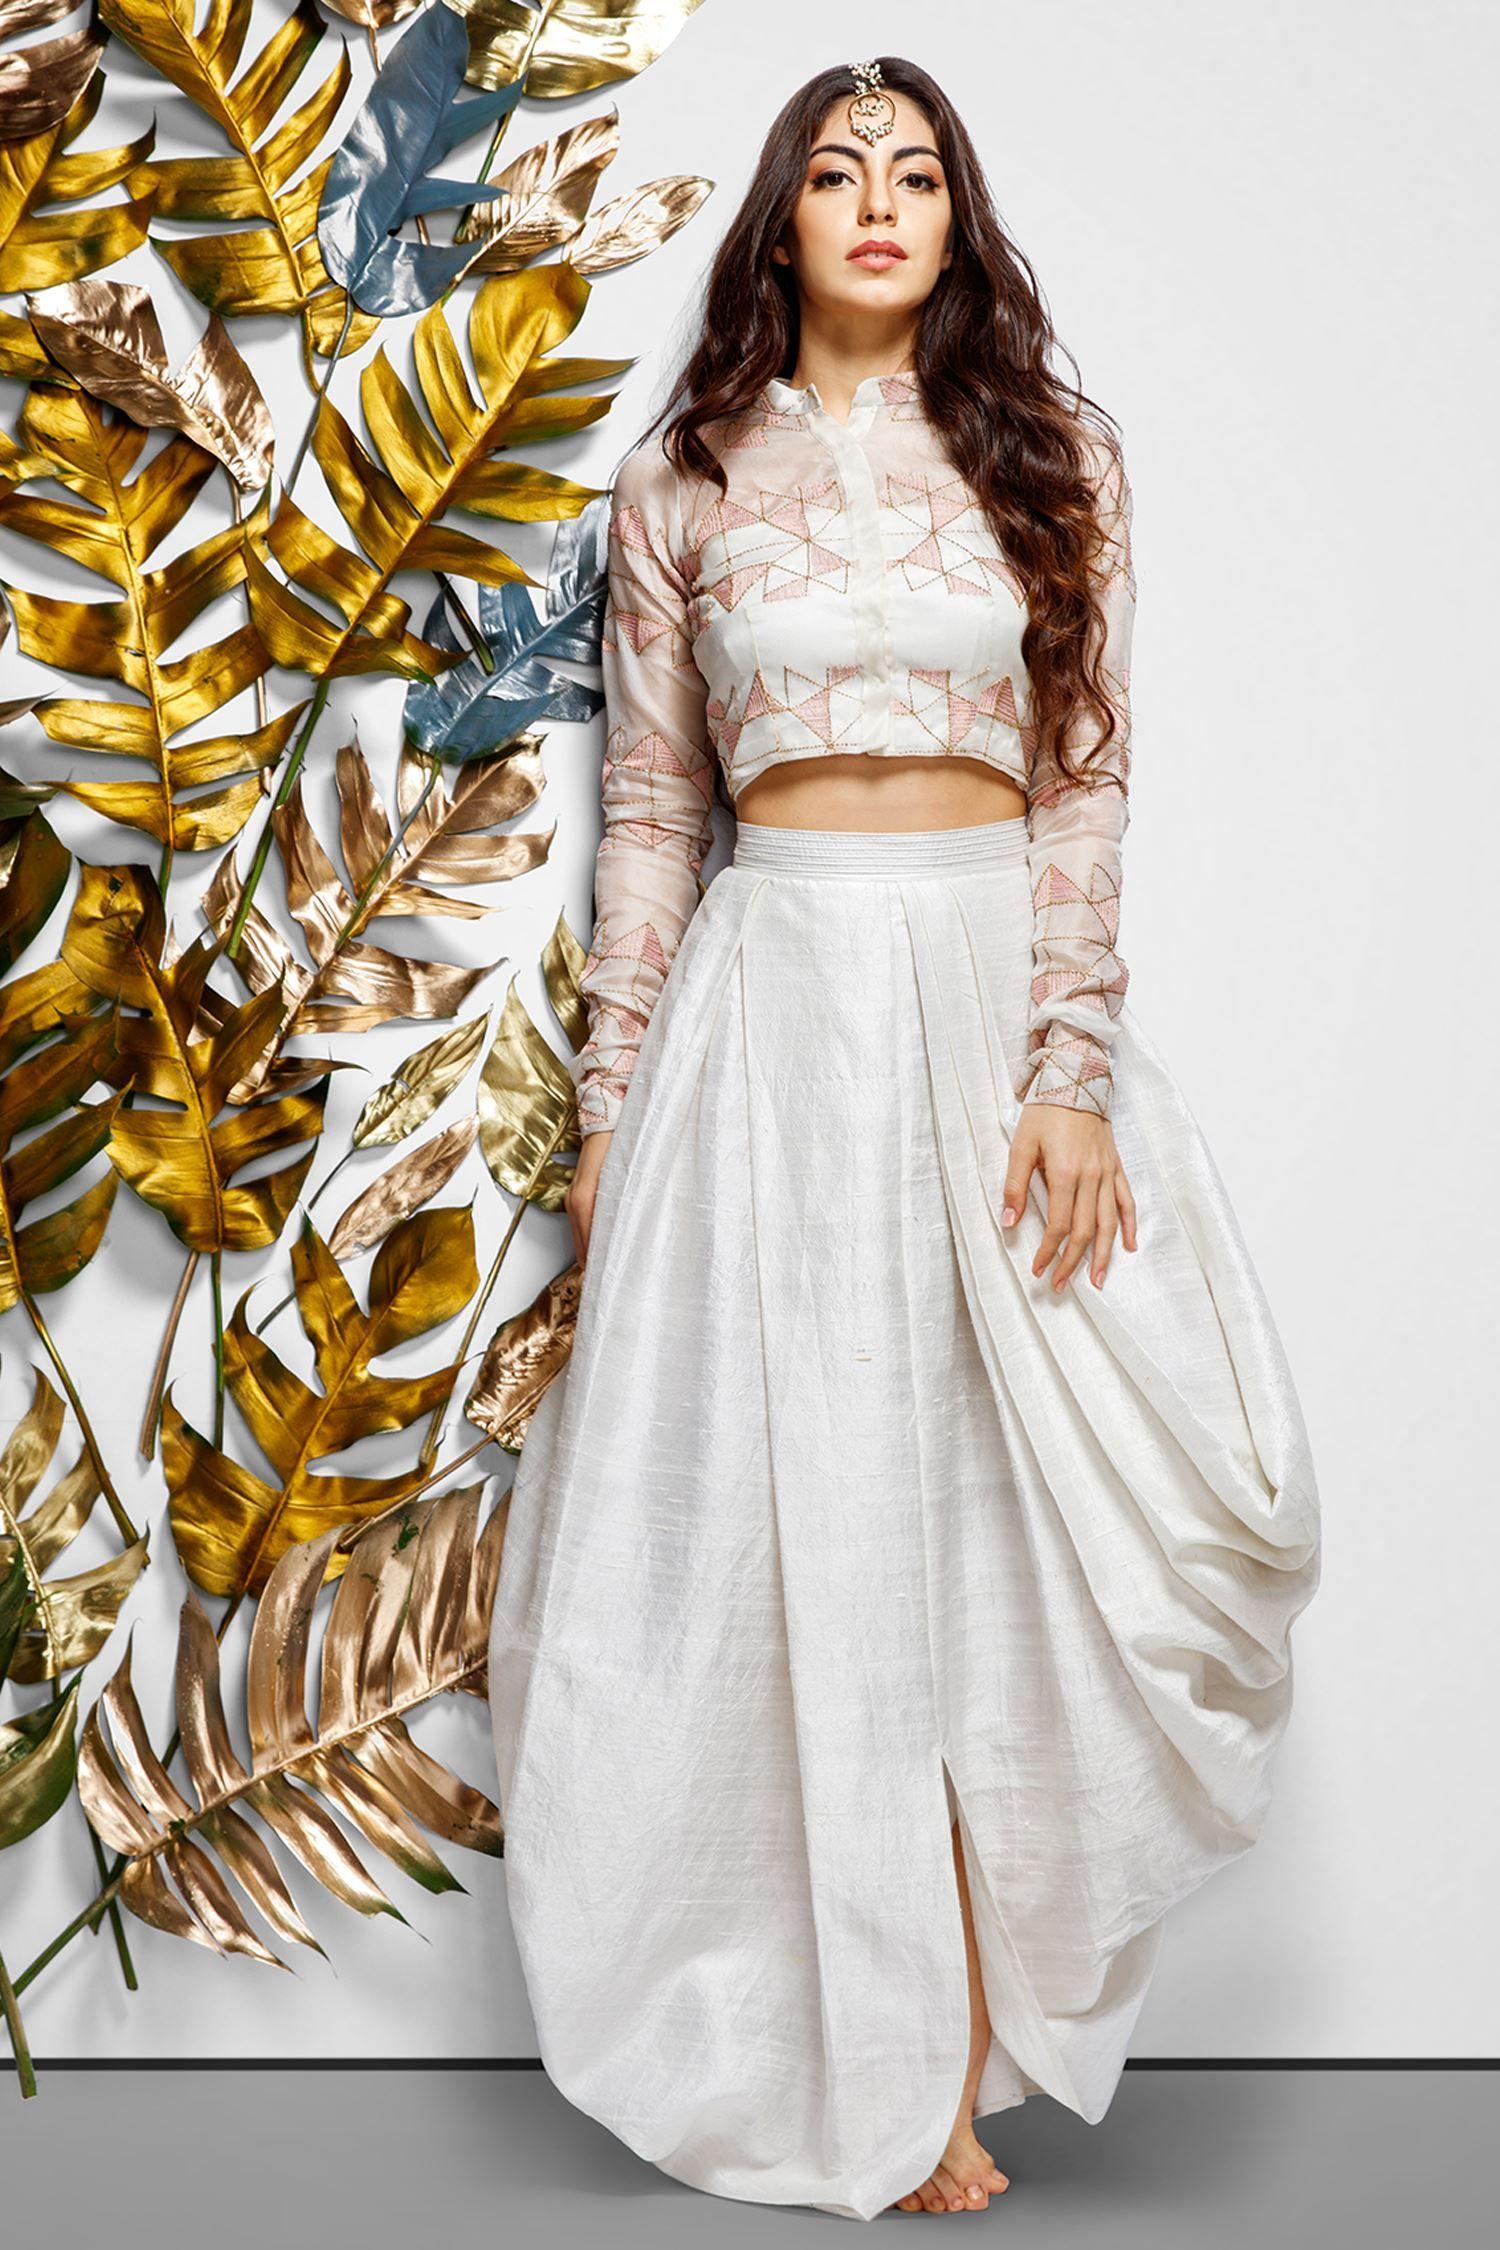 crop top wedding dresses indian